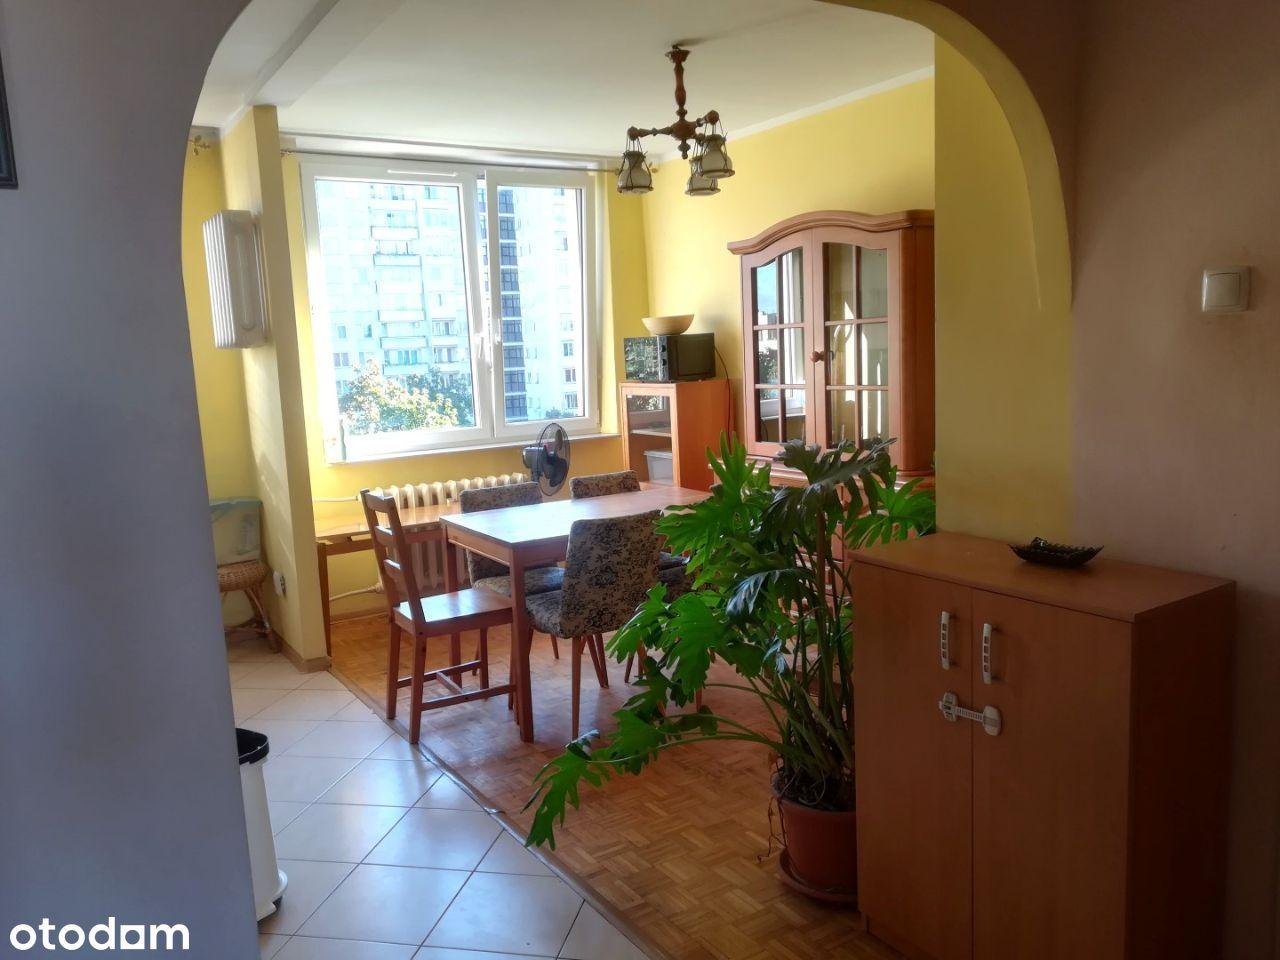 Mieszkanie 3-pok. (trzeci z kuchnią) ciche, zieleń